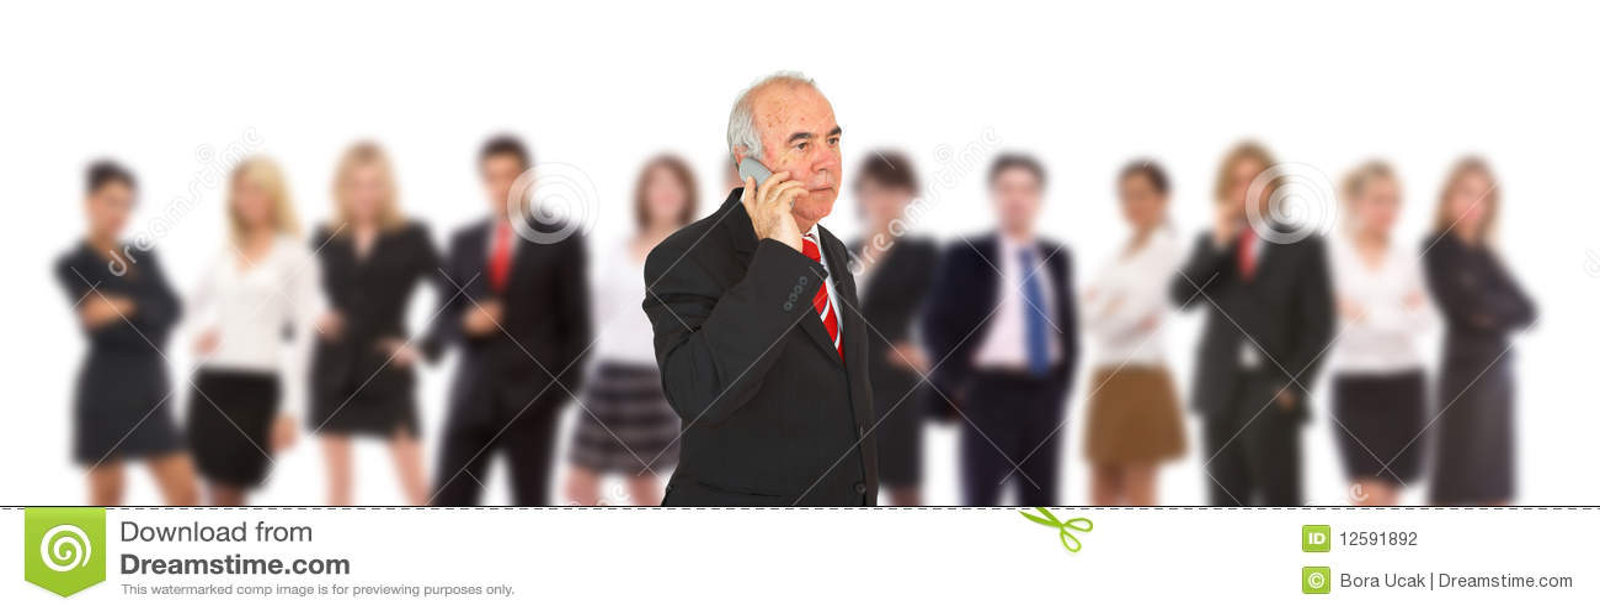 Affärskommunikationer